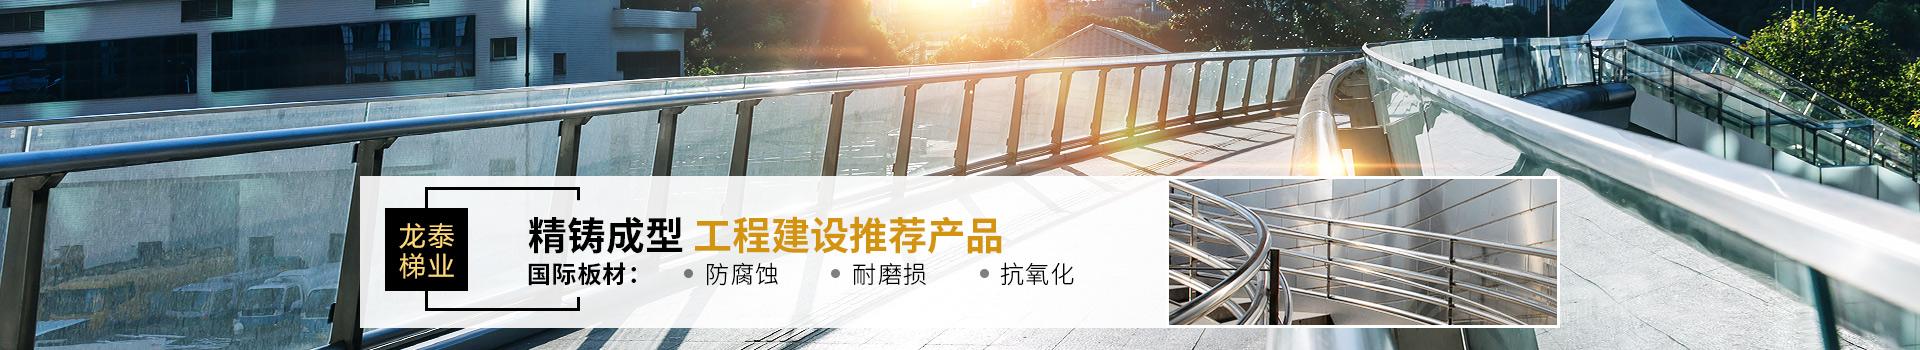 龙泰梯业-工程建设推荐产品